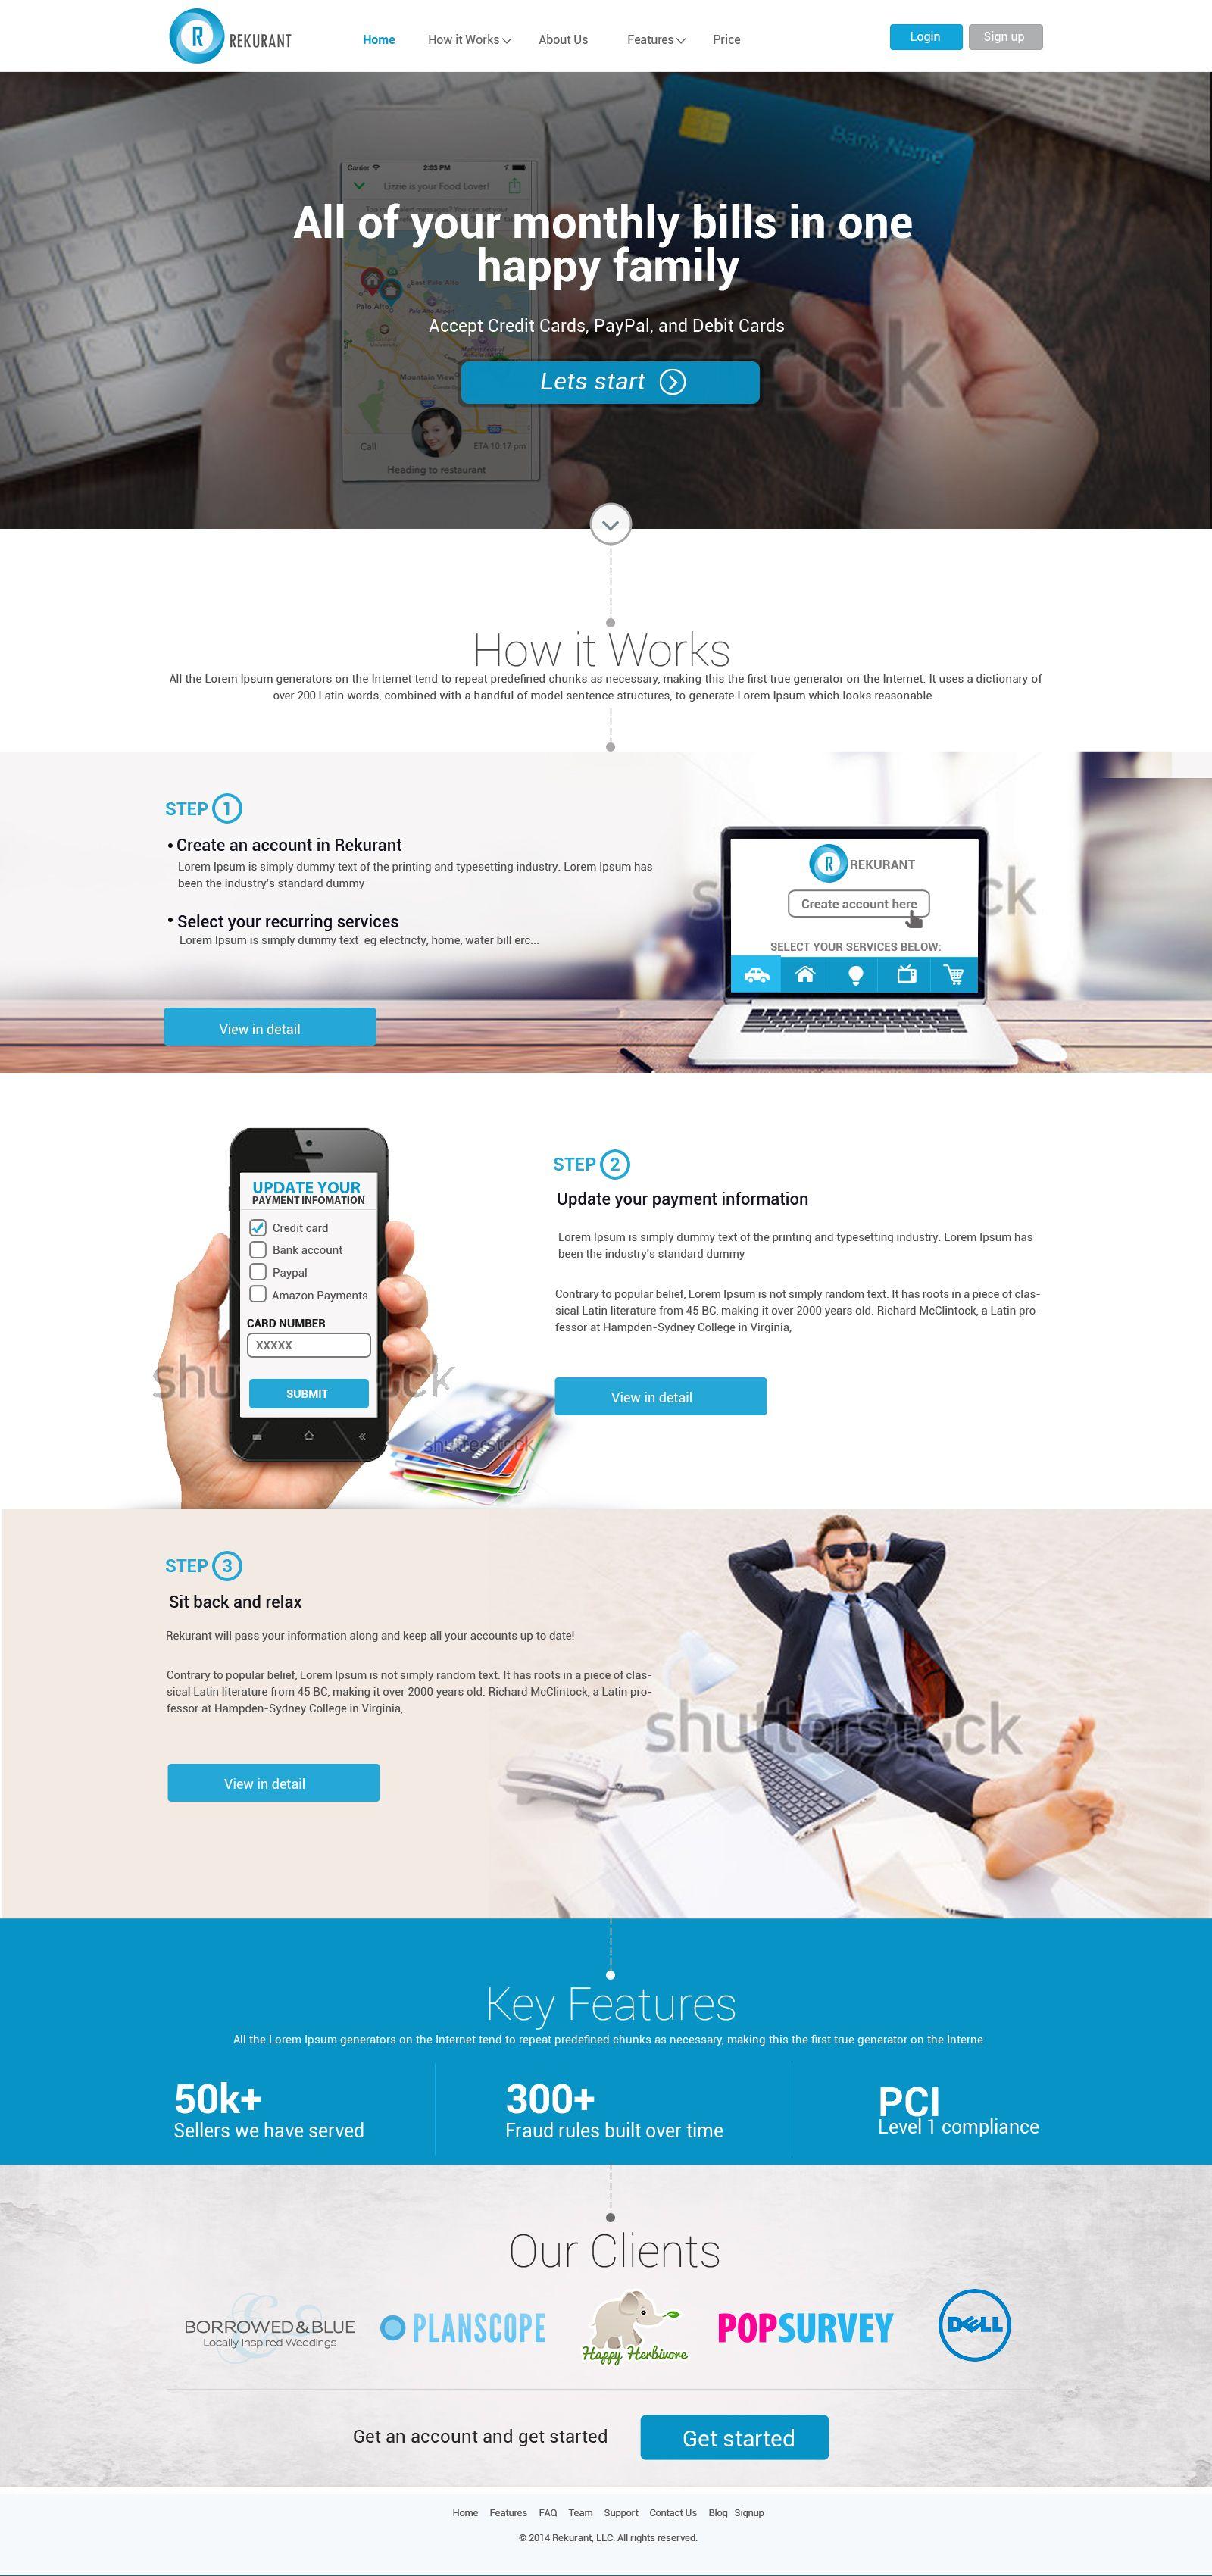 Website Design For Money Transfer